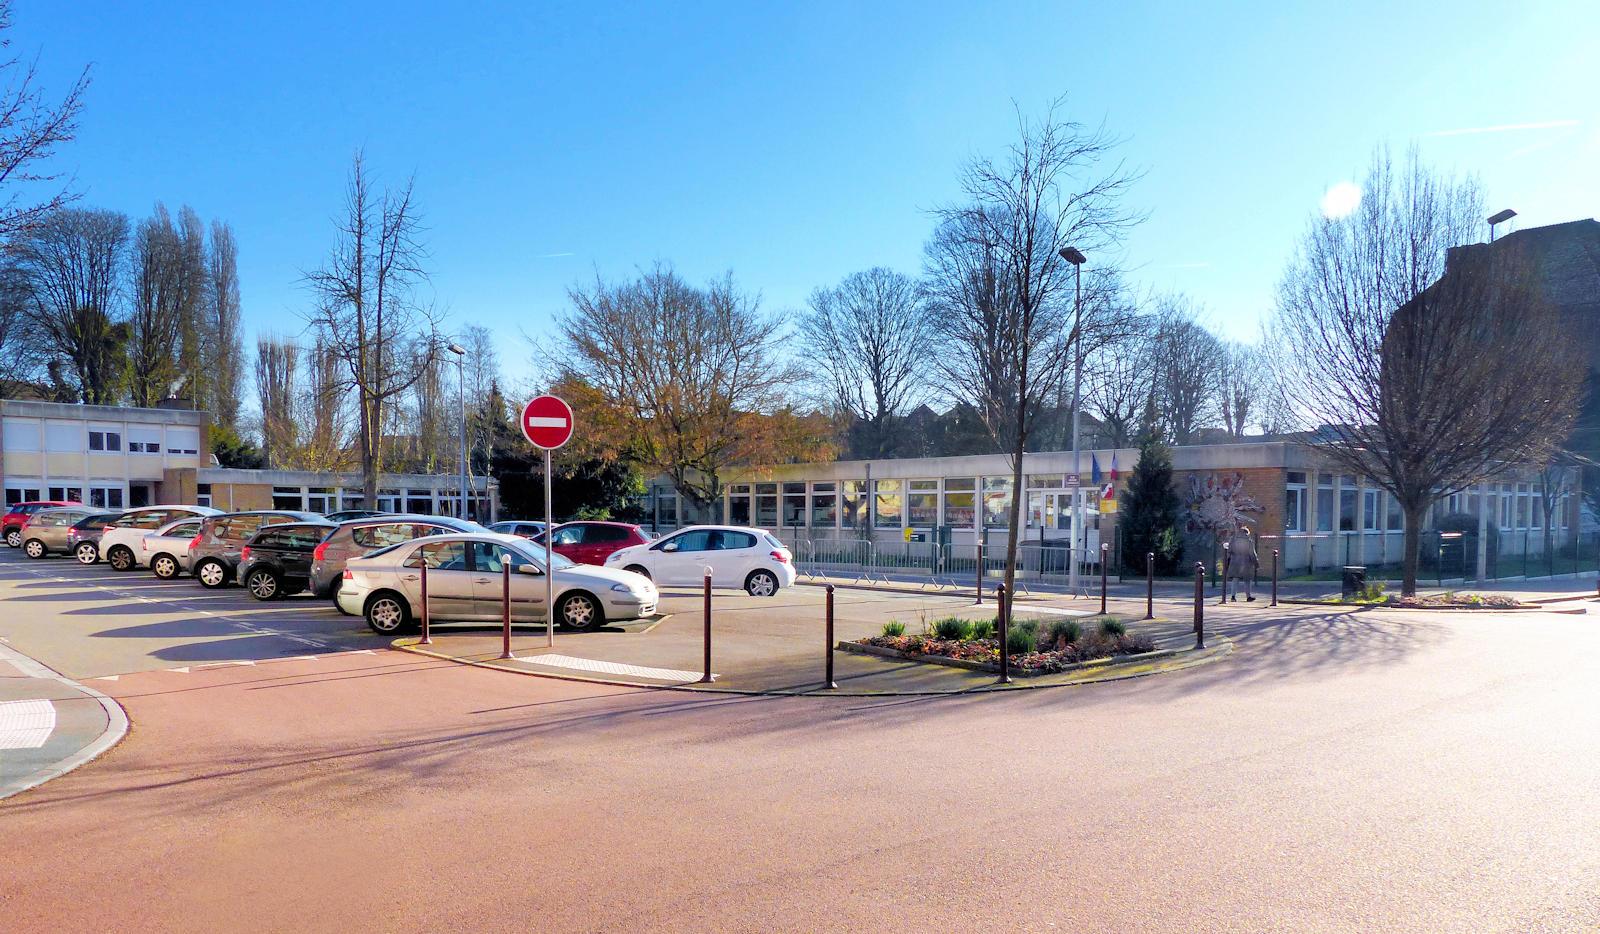 Écoles Tourcoing - Maternelle publique Pierre Corneille